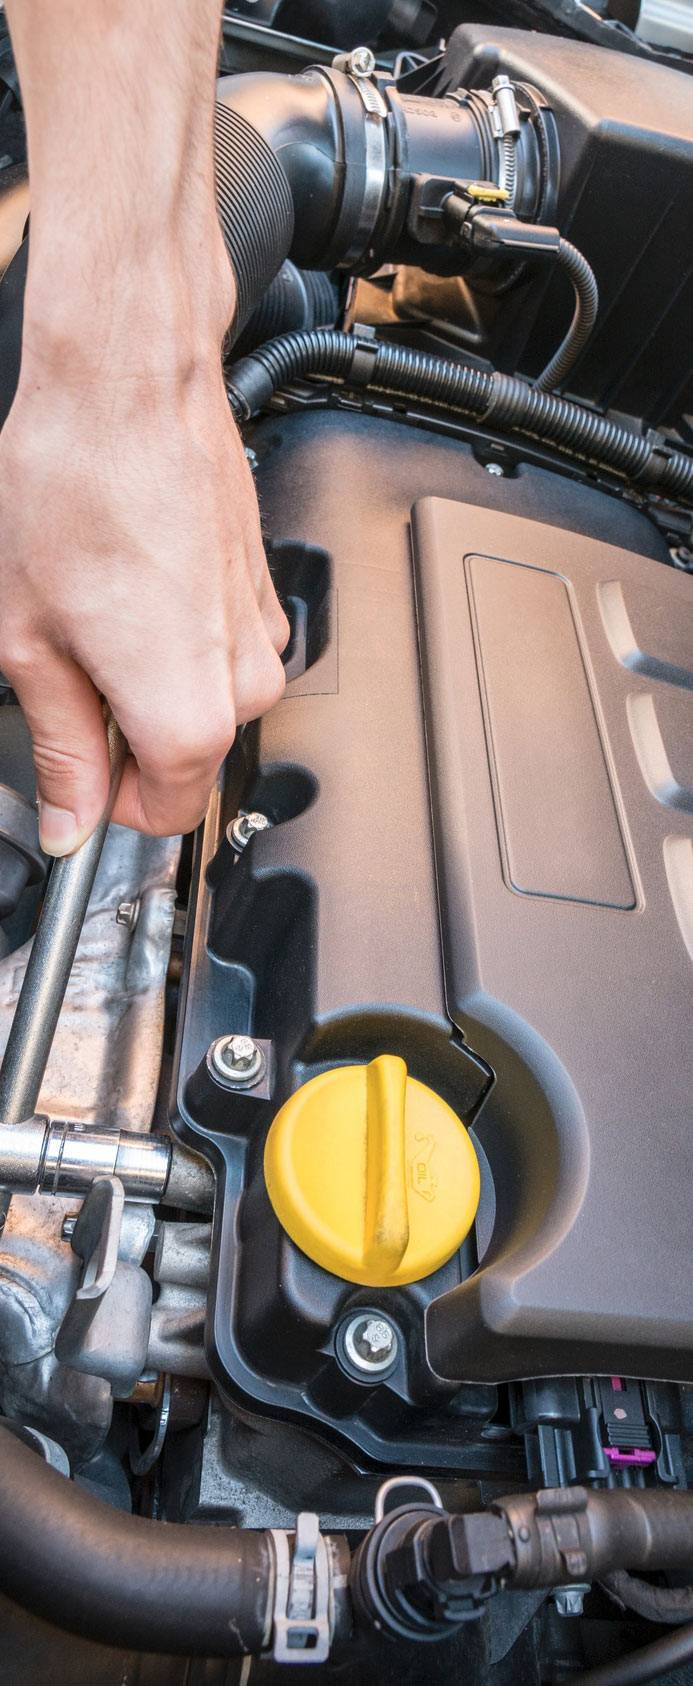 hand turning ratchet on engine bolt